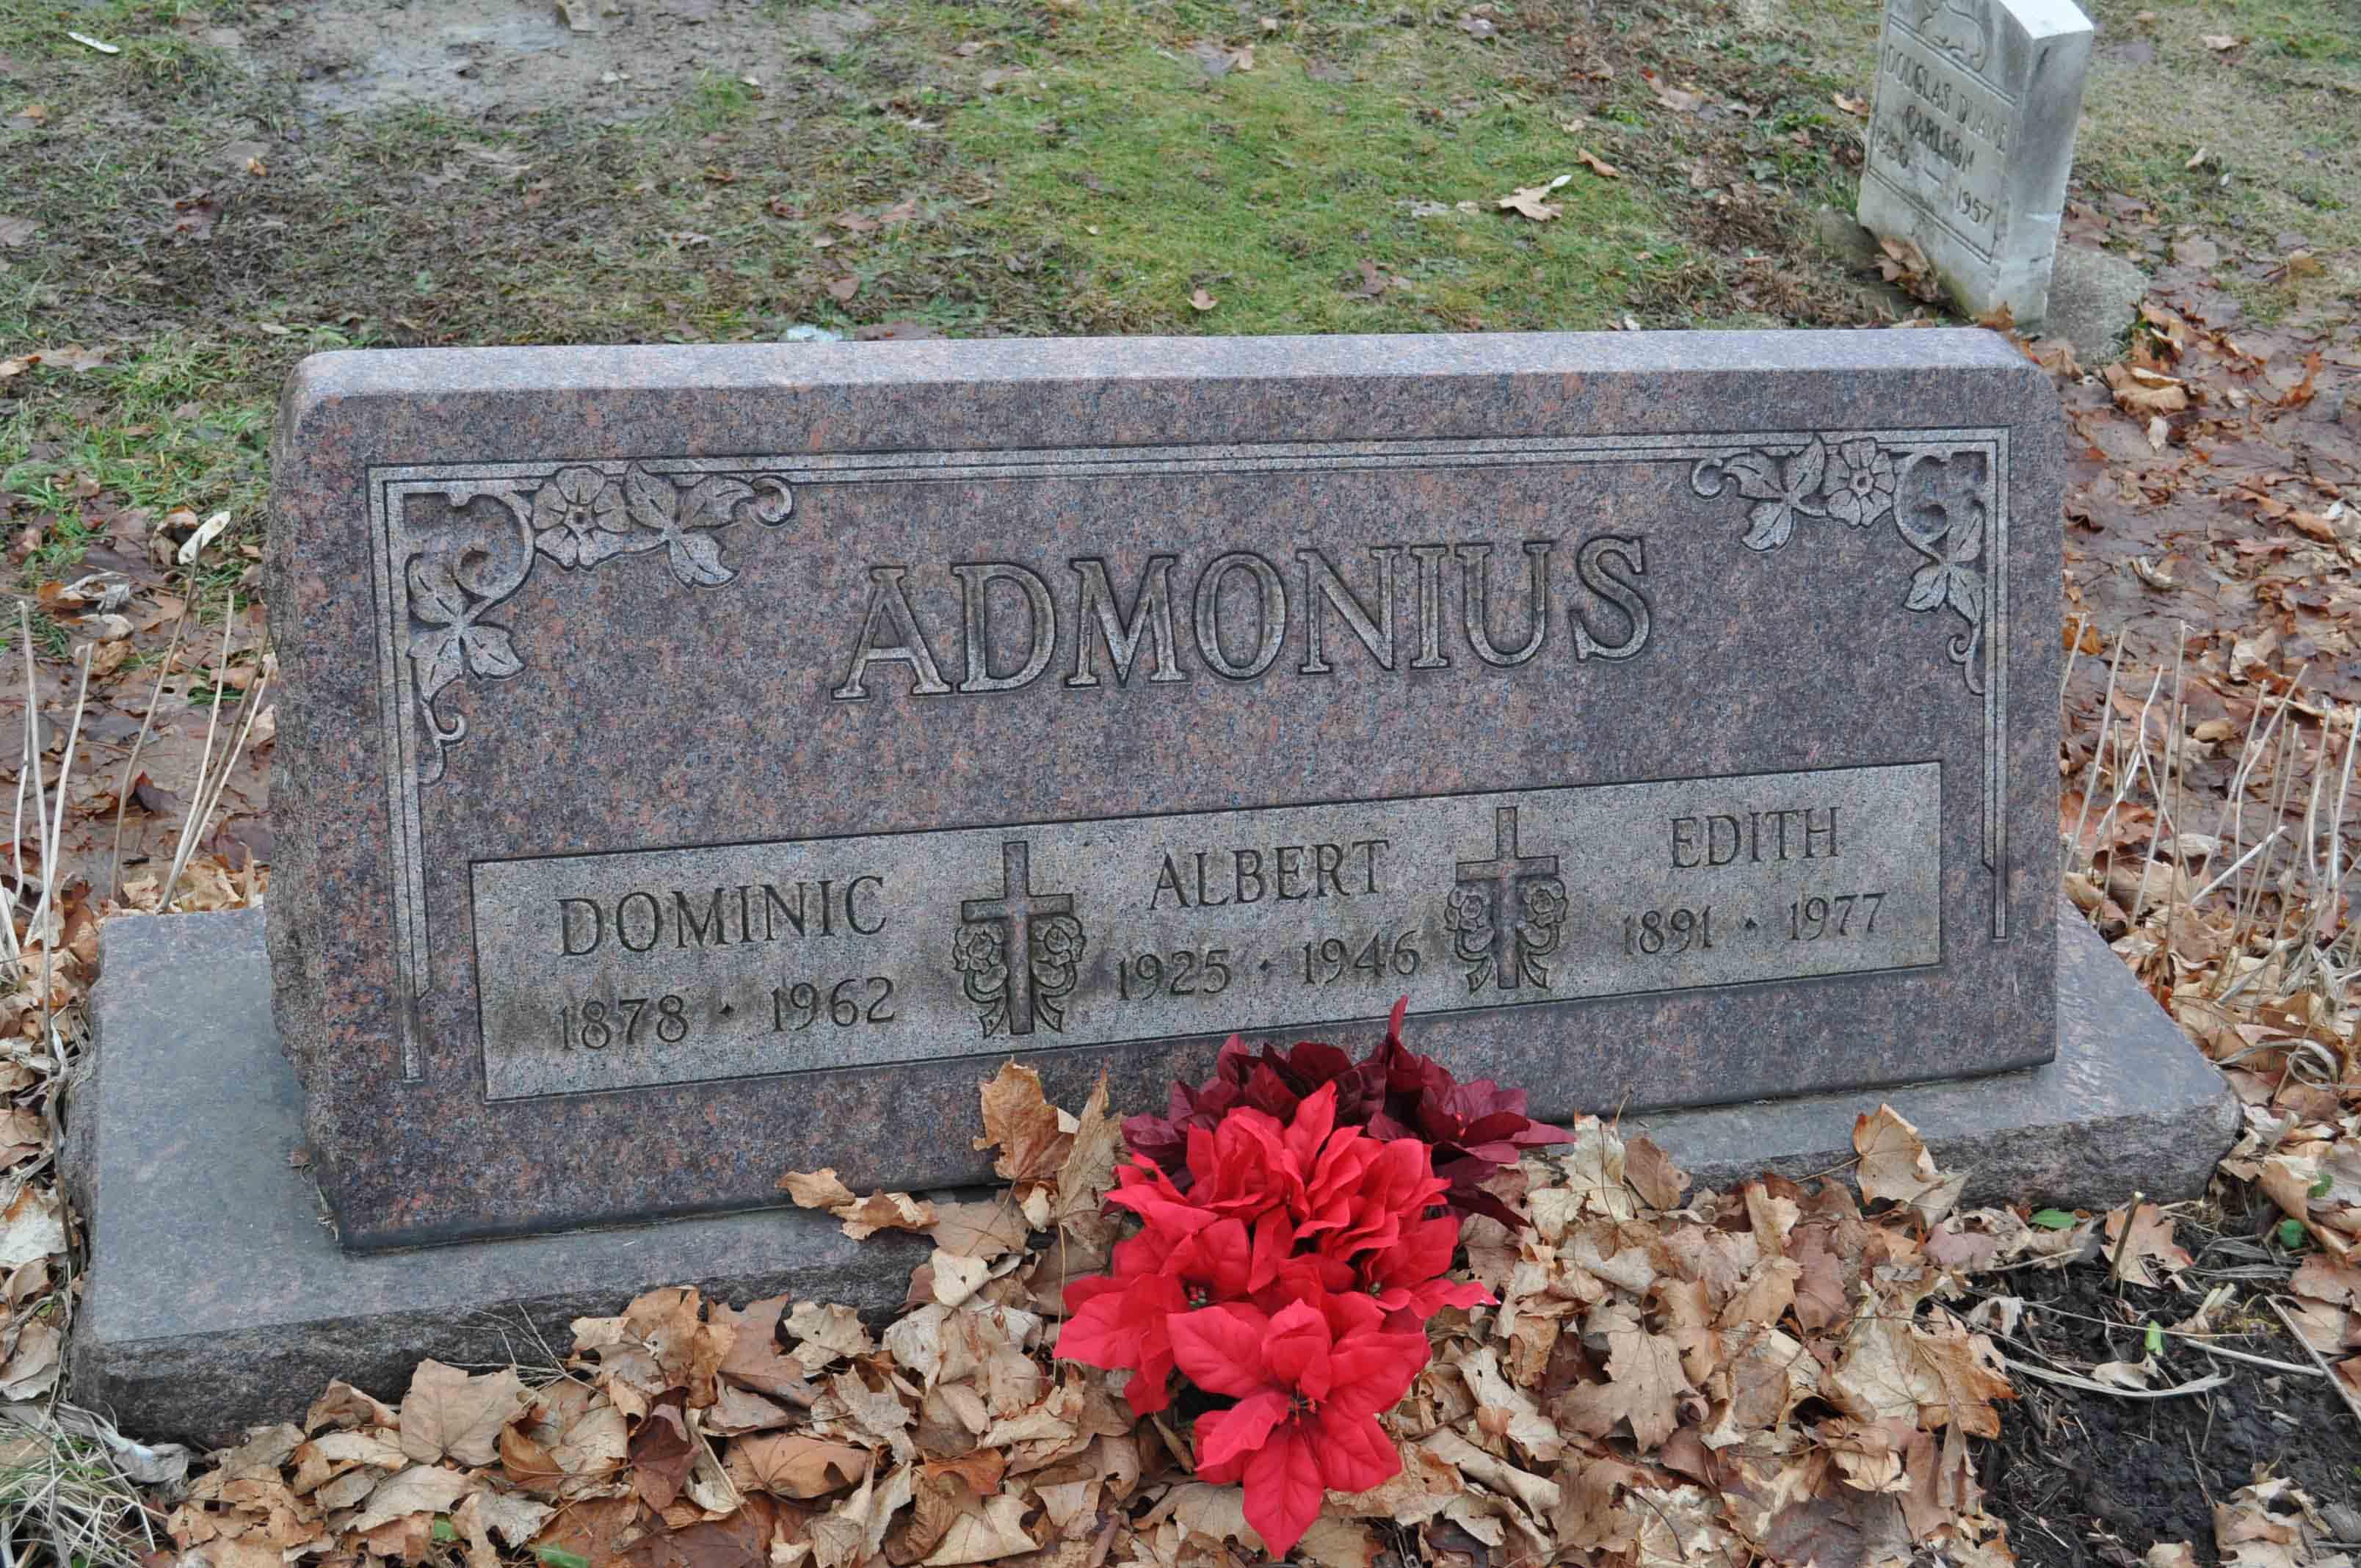 Dominic Admonius